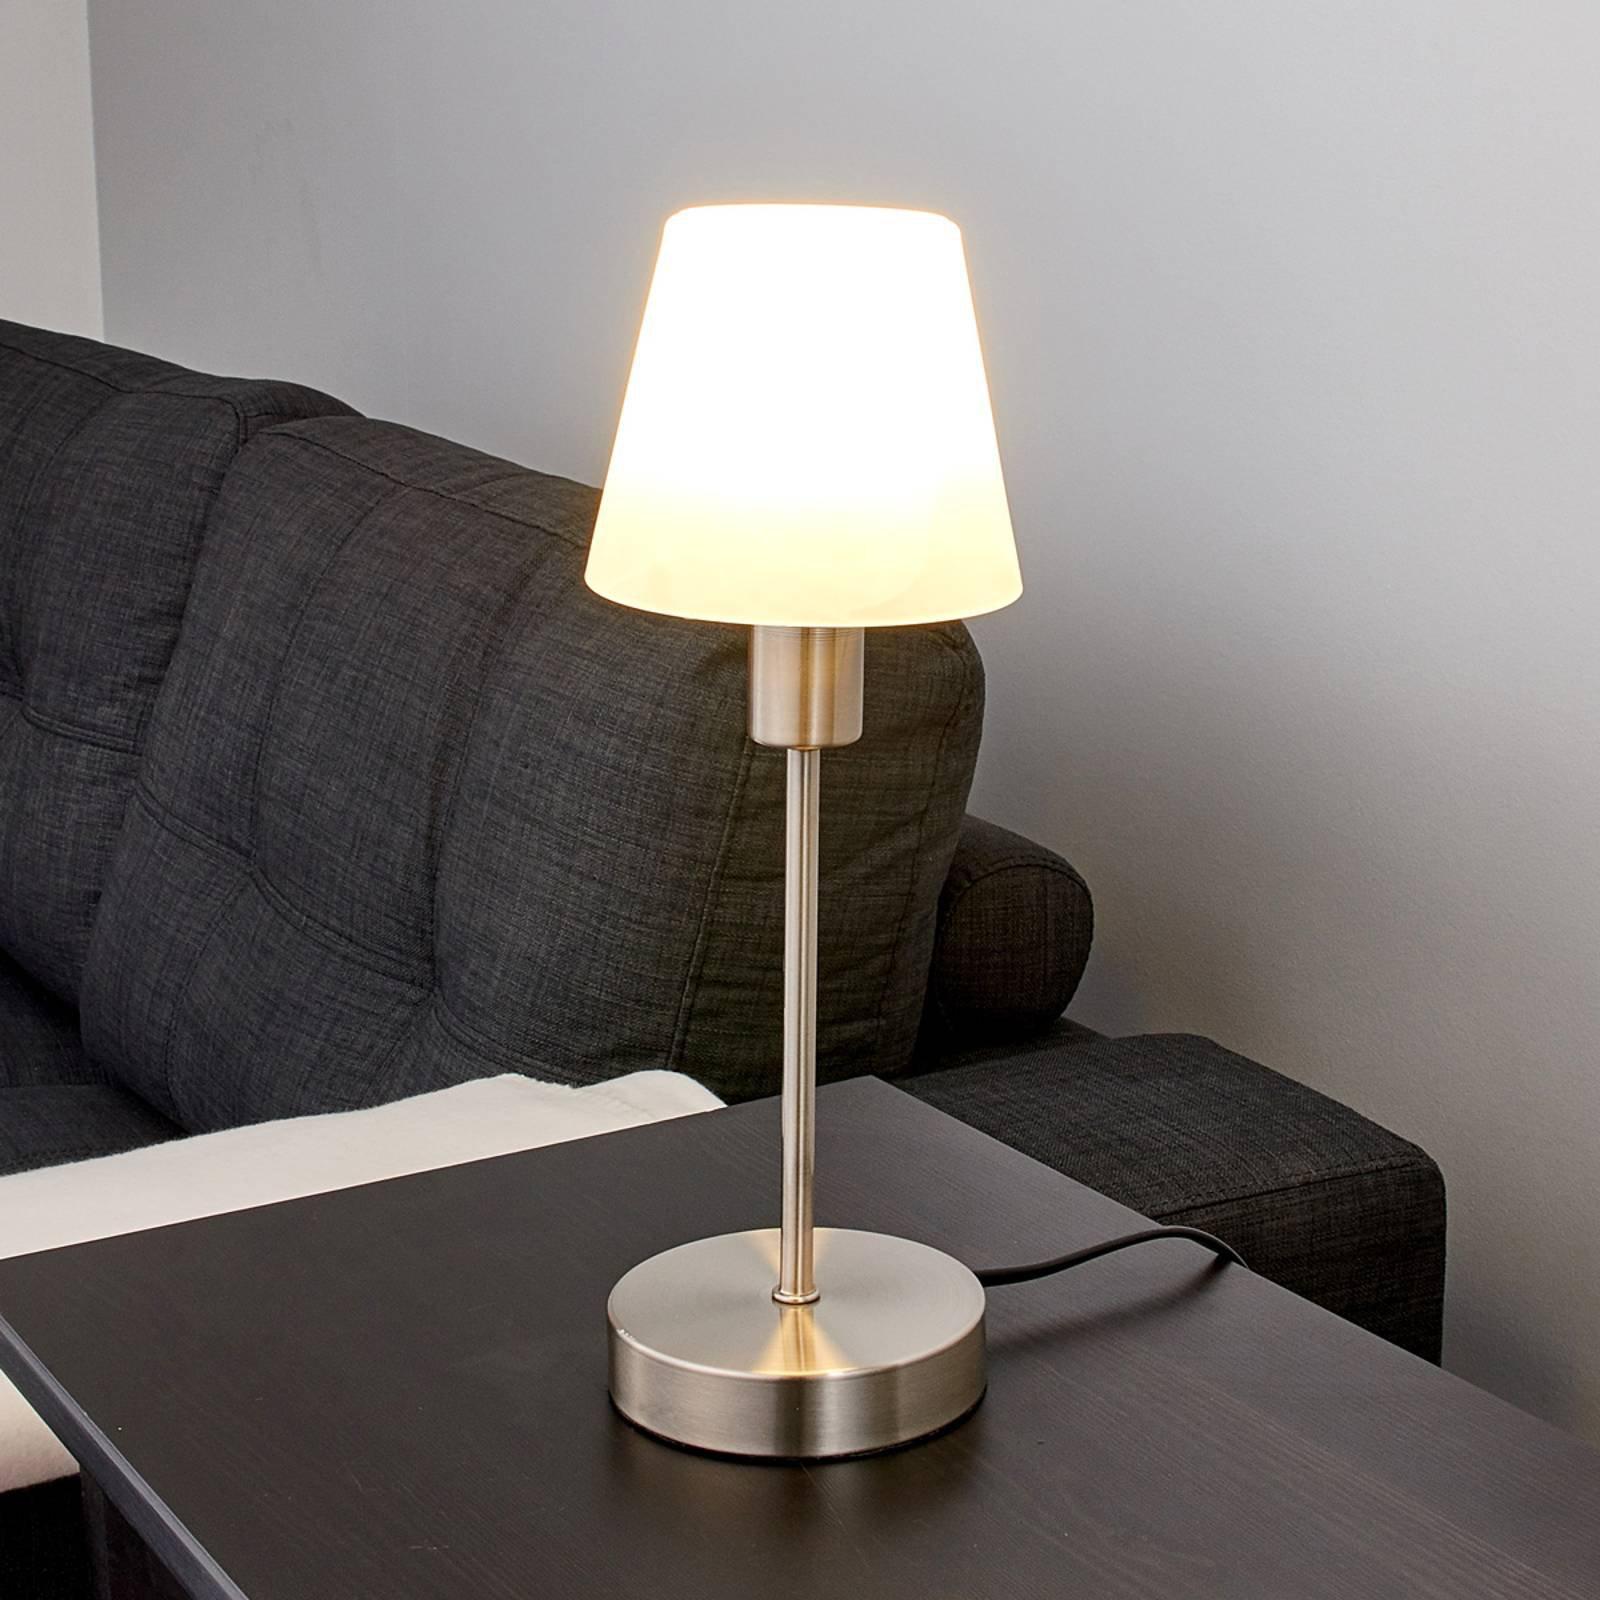 Nattbordslampe Avarin med LED-lys.